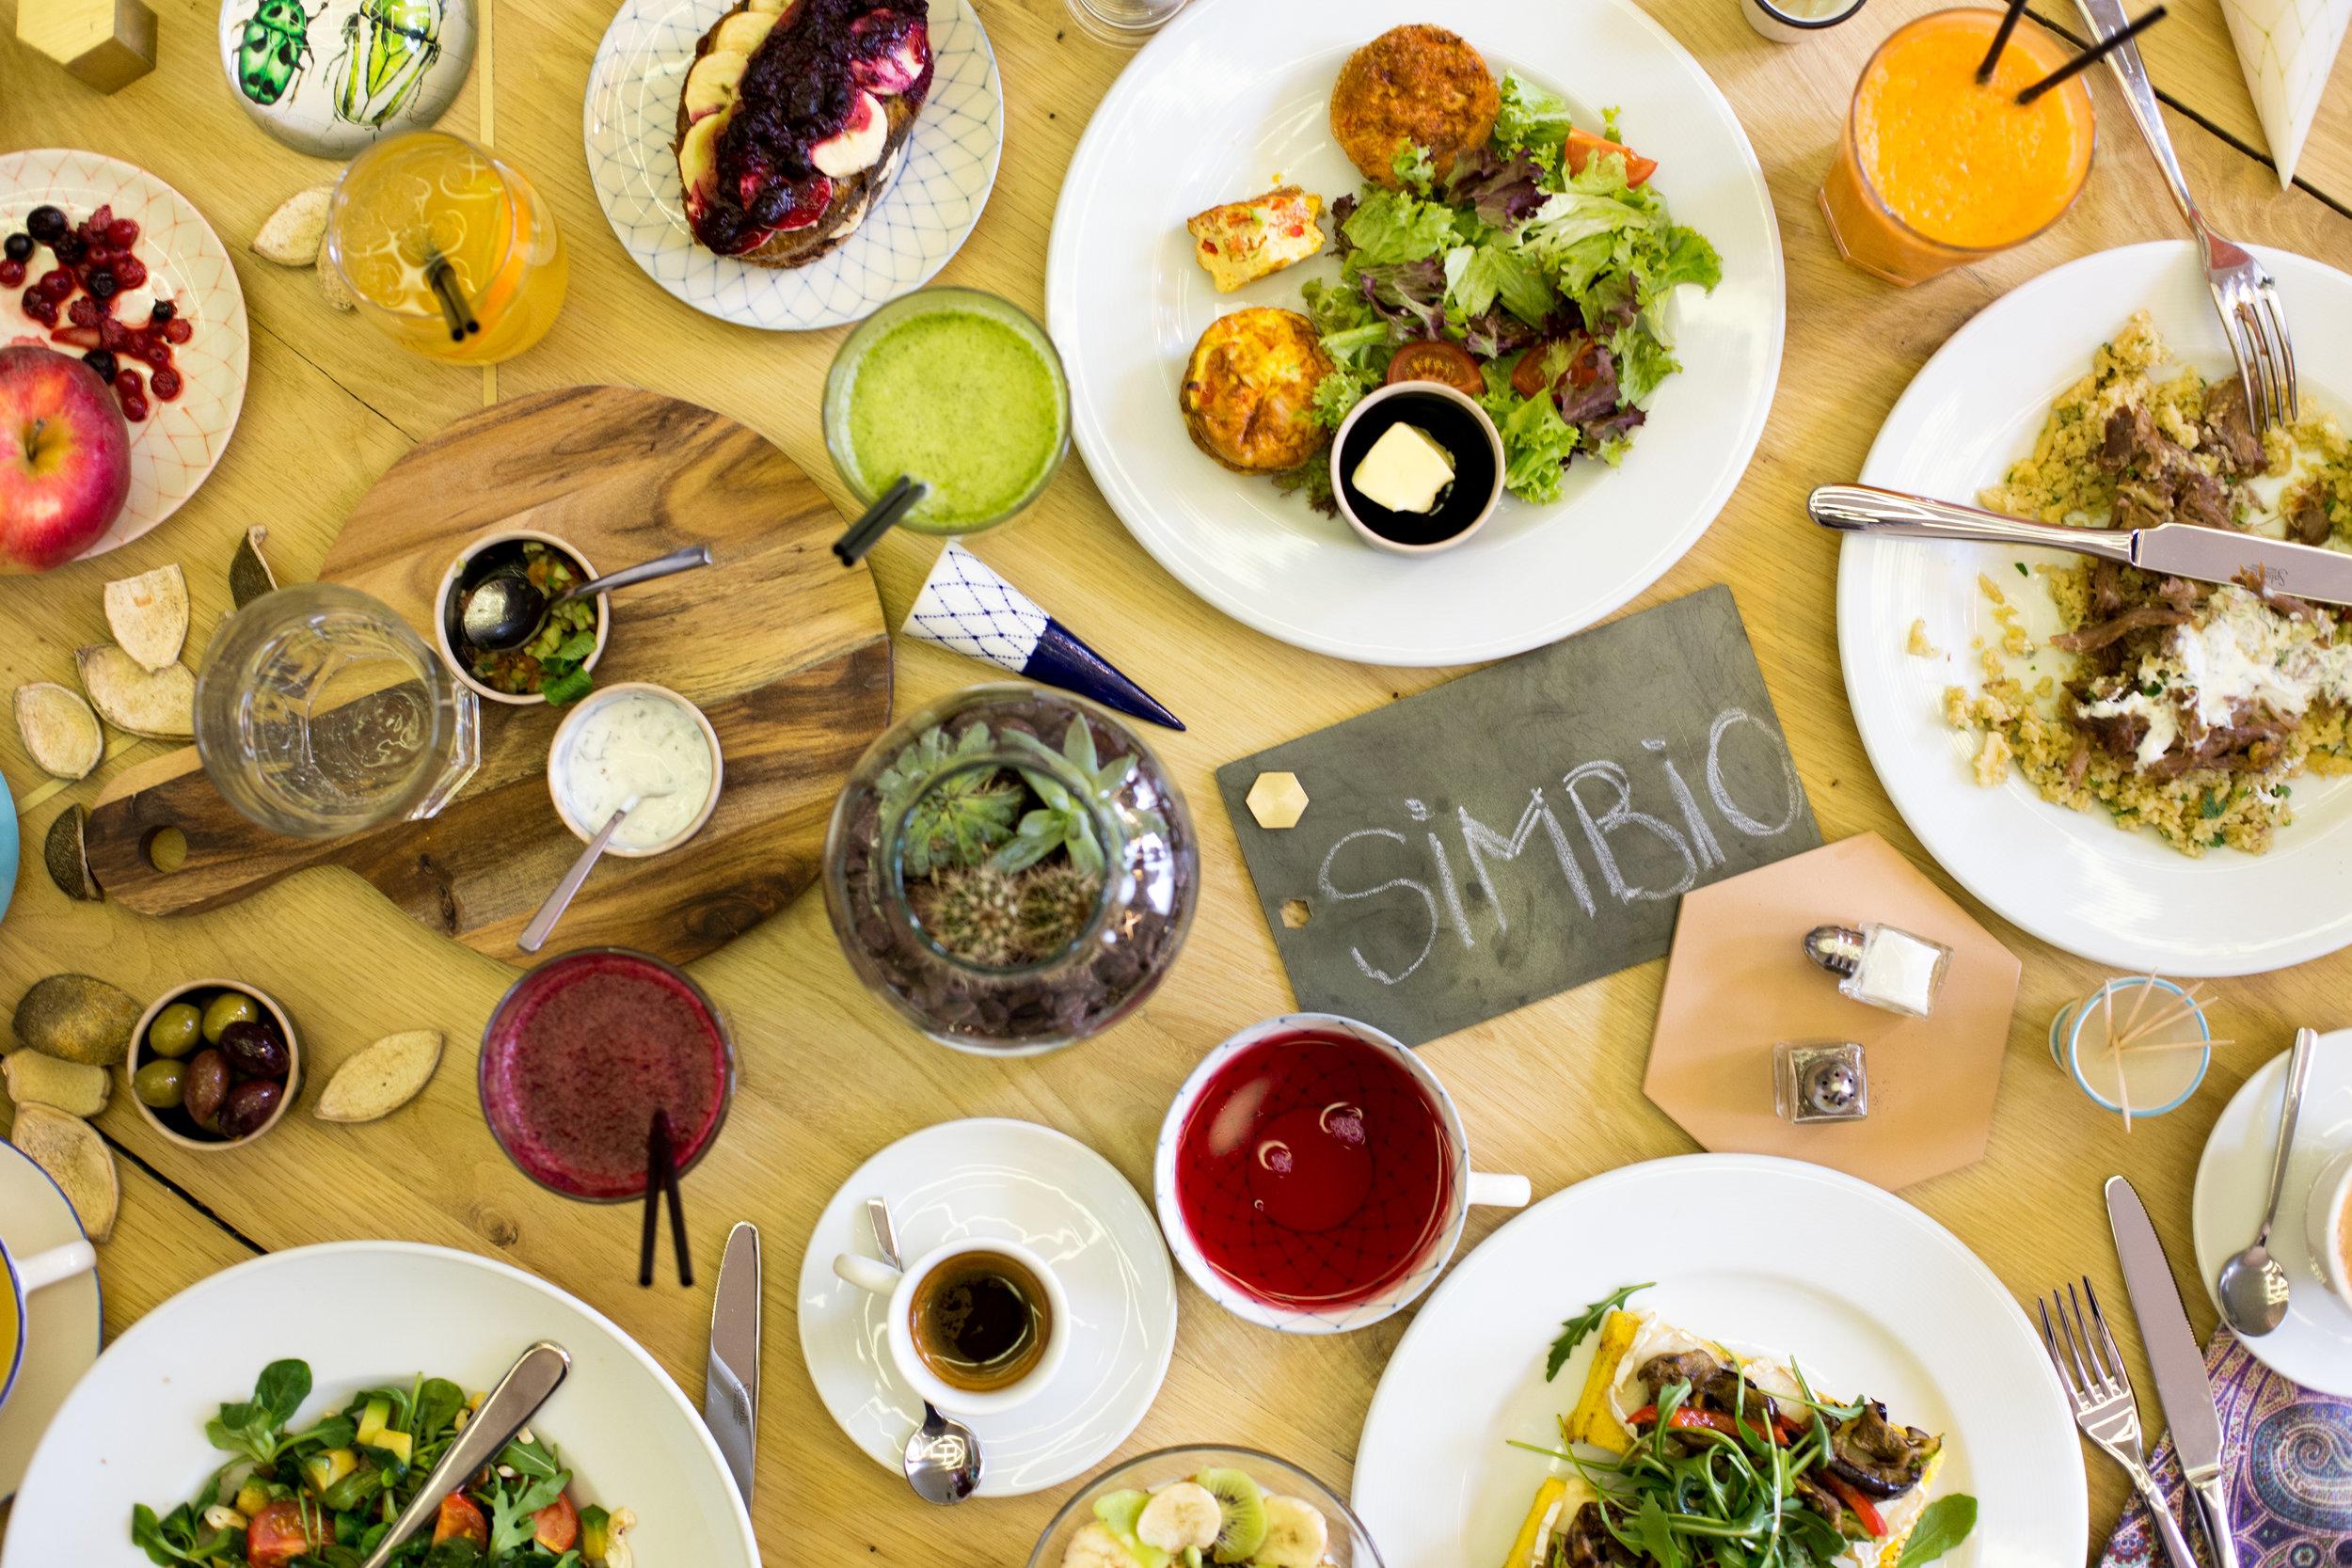 AcasA la Simbio - Aici este locul unde ziua începe cu o cafea bună, unde micul dejun nu are program fix, prânzul e gustos și serile relaxate. La noi te simți ca la un prieten drag acasă. Bucătăria e deschisă, poți să vezi cum îți gătim felurile preferate, grădina e un refugiu ferit de agitația orașului, iar în bar poți foarte ușor să pierzi noțiunea timpului. Cu mult drag și dedicare pentru tine.